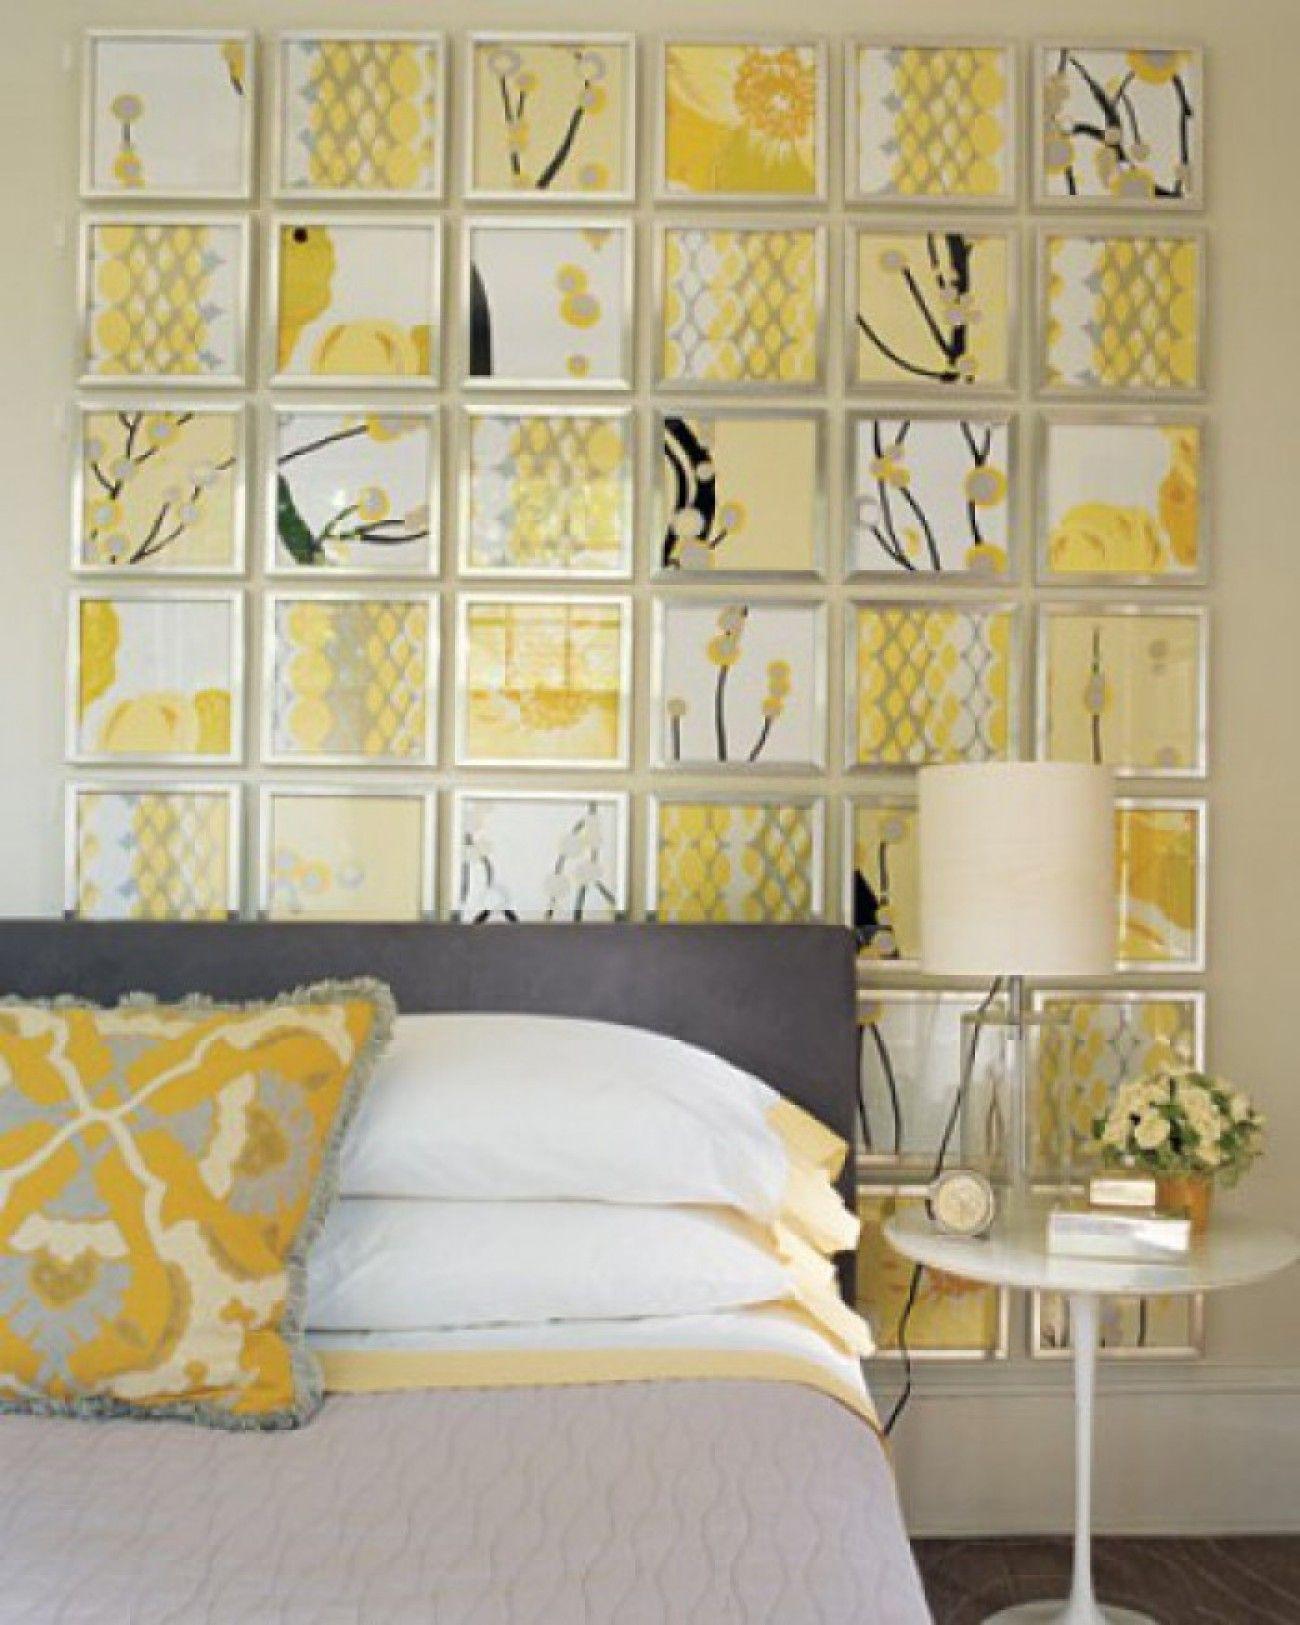 Klasse Idee für eine schöne Wanddeko Verschiedene Muster von einer schönen Tapete in Vierecke ausschneiden